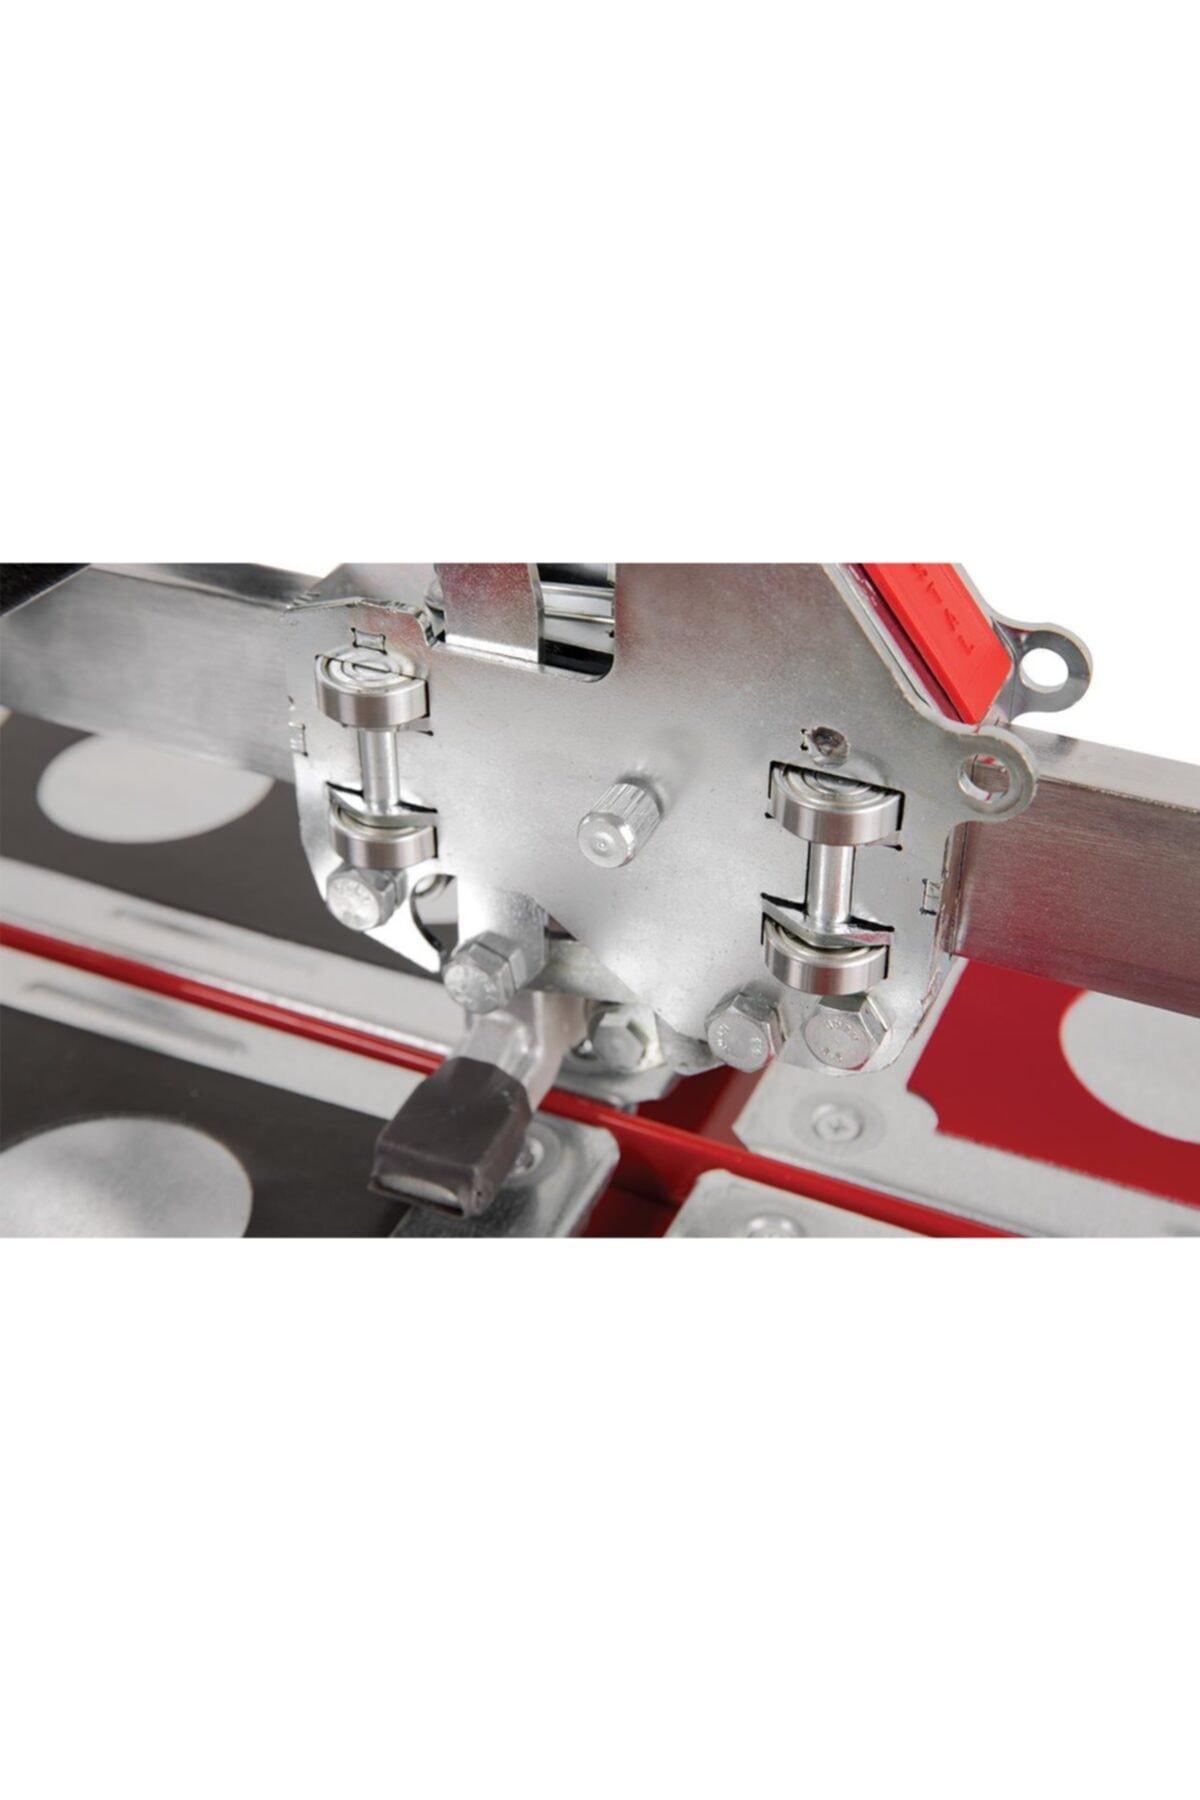 Kristal Herkül Açılı Seramik Ve Fayans Kesme Makinası 750 Mm 2